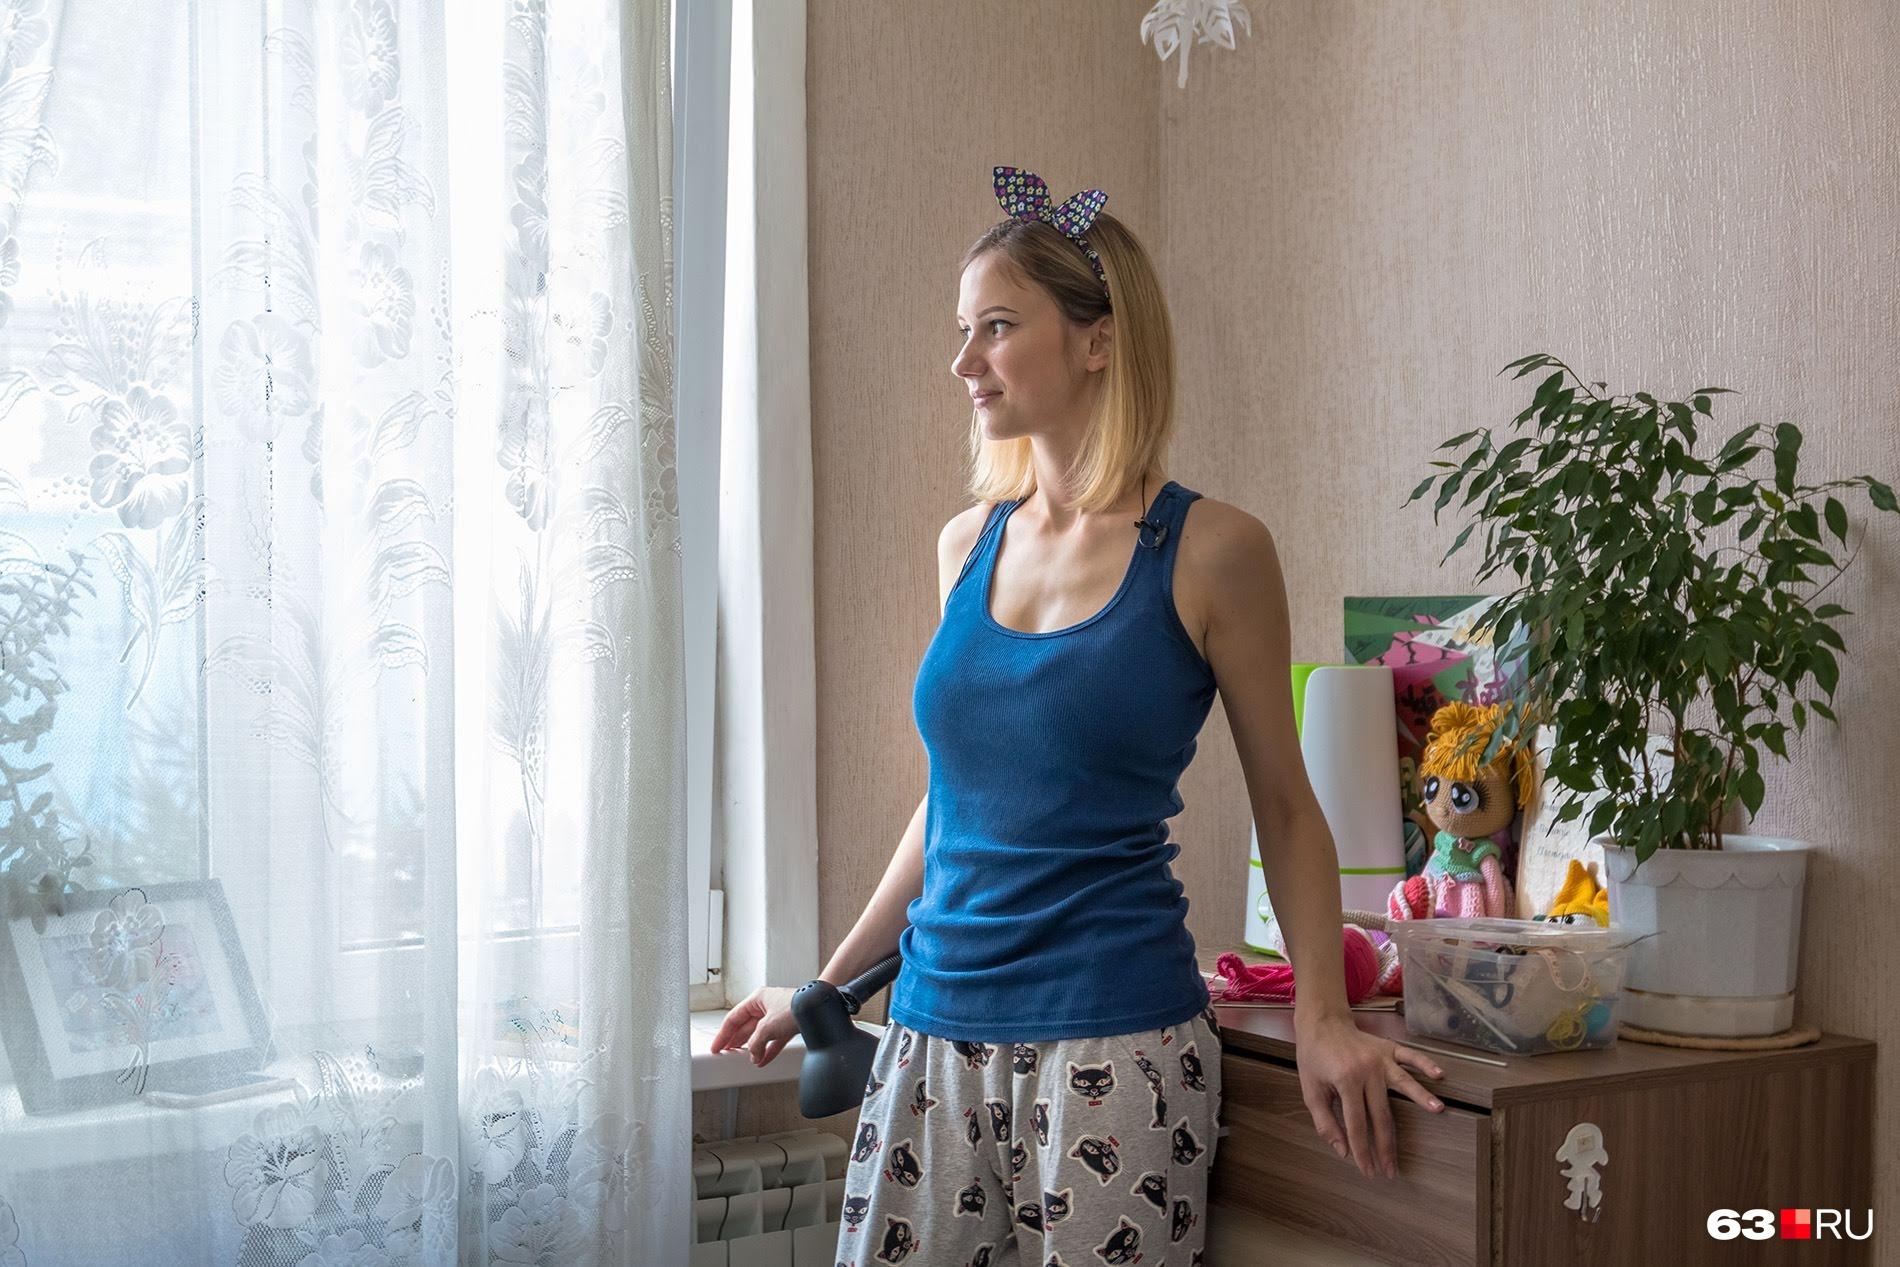 Весь комод, что стоит позади Жени, забит пряжей, которую она выиграла в марафонах по вязанью